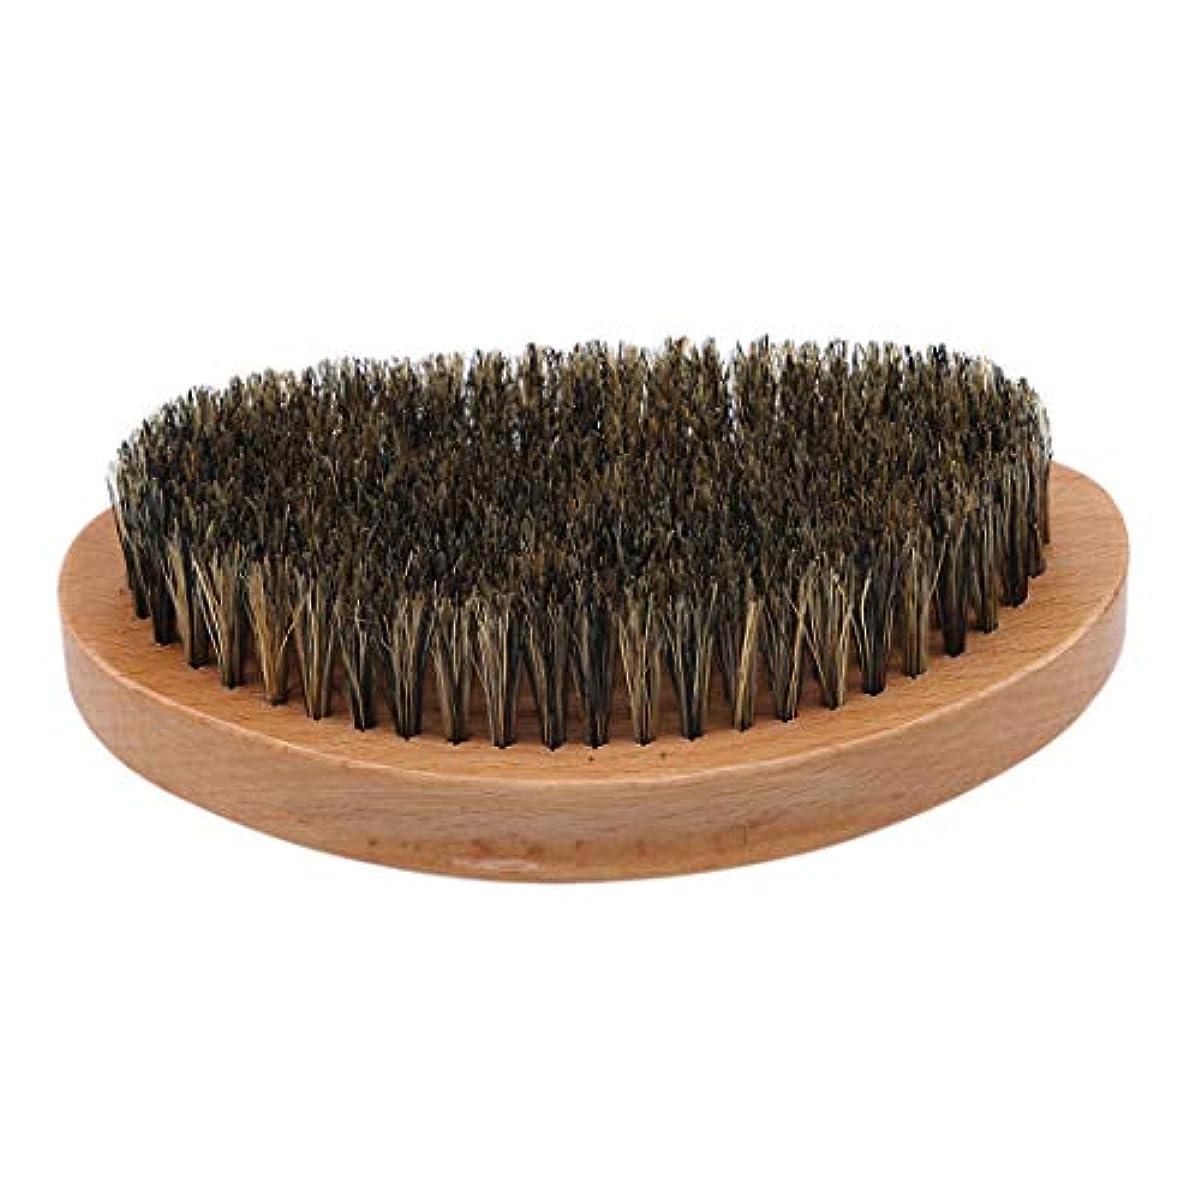 寄り添うバレルインデックスKLUMA ひげブラシ シェービングブラシ 髭剃り 毛髭ブラシ 泡立ち 理容 美容ツール 旅行用 1#